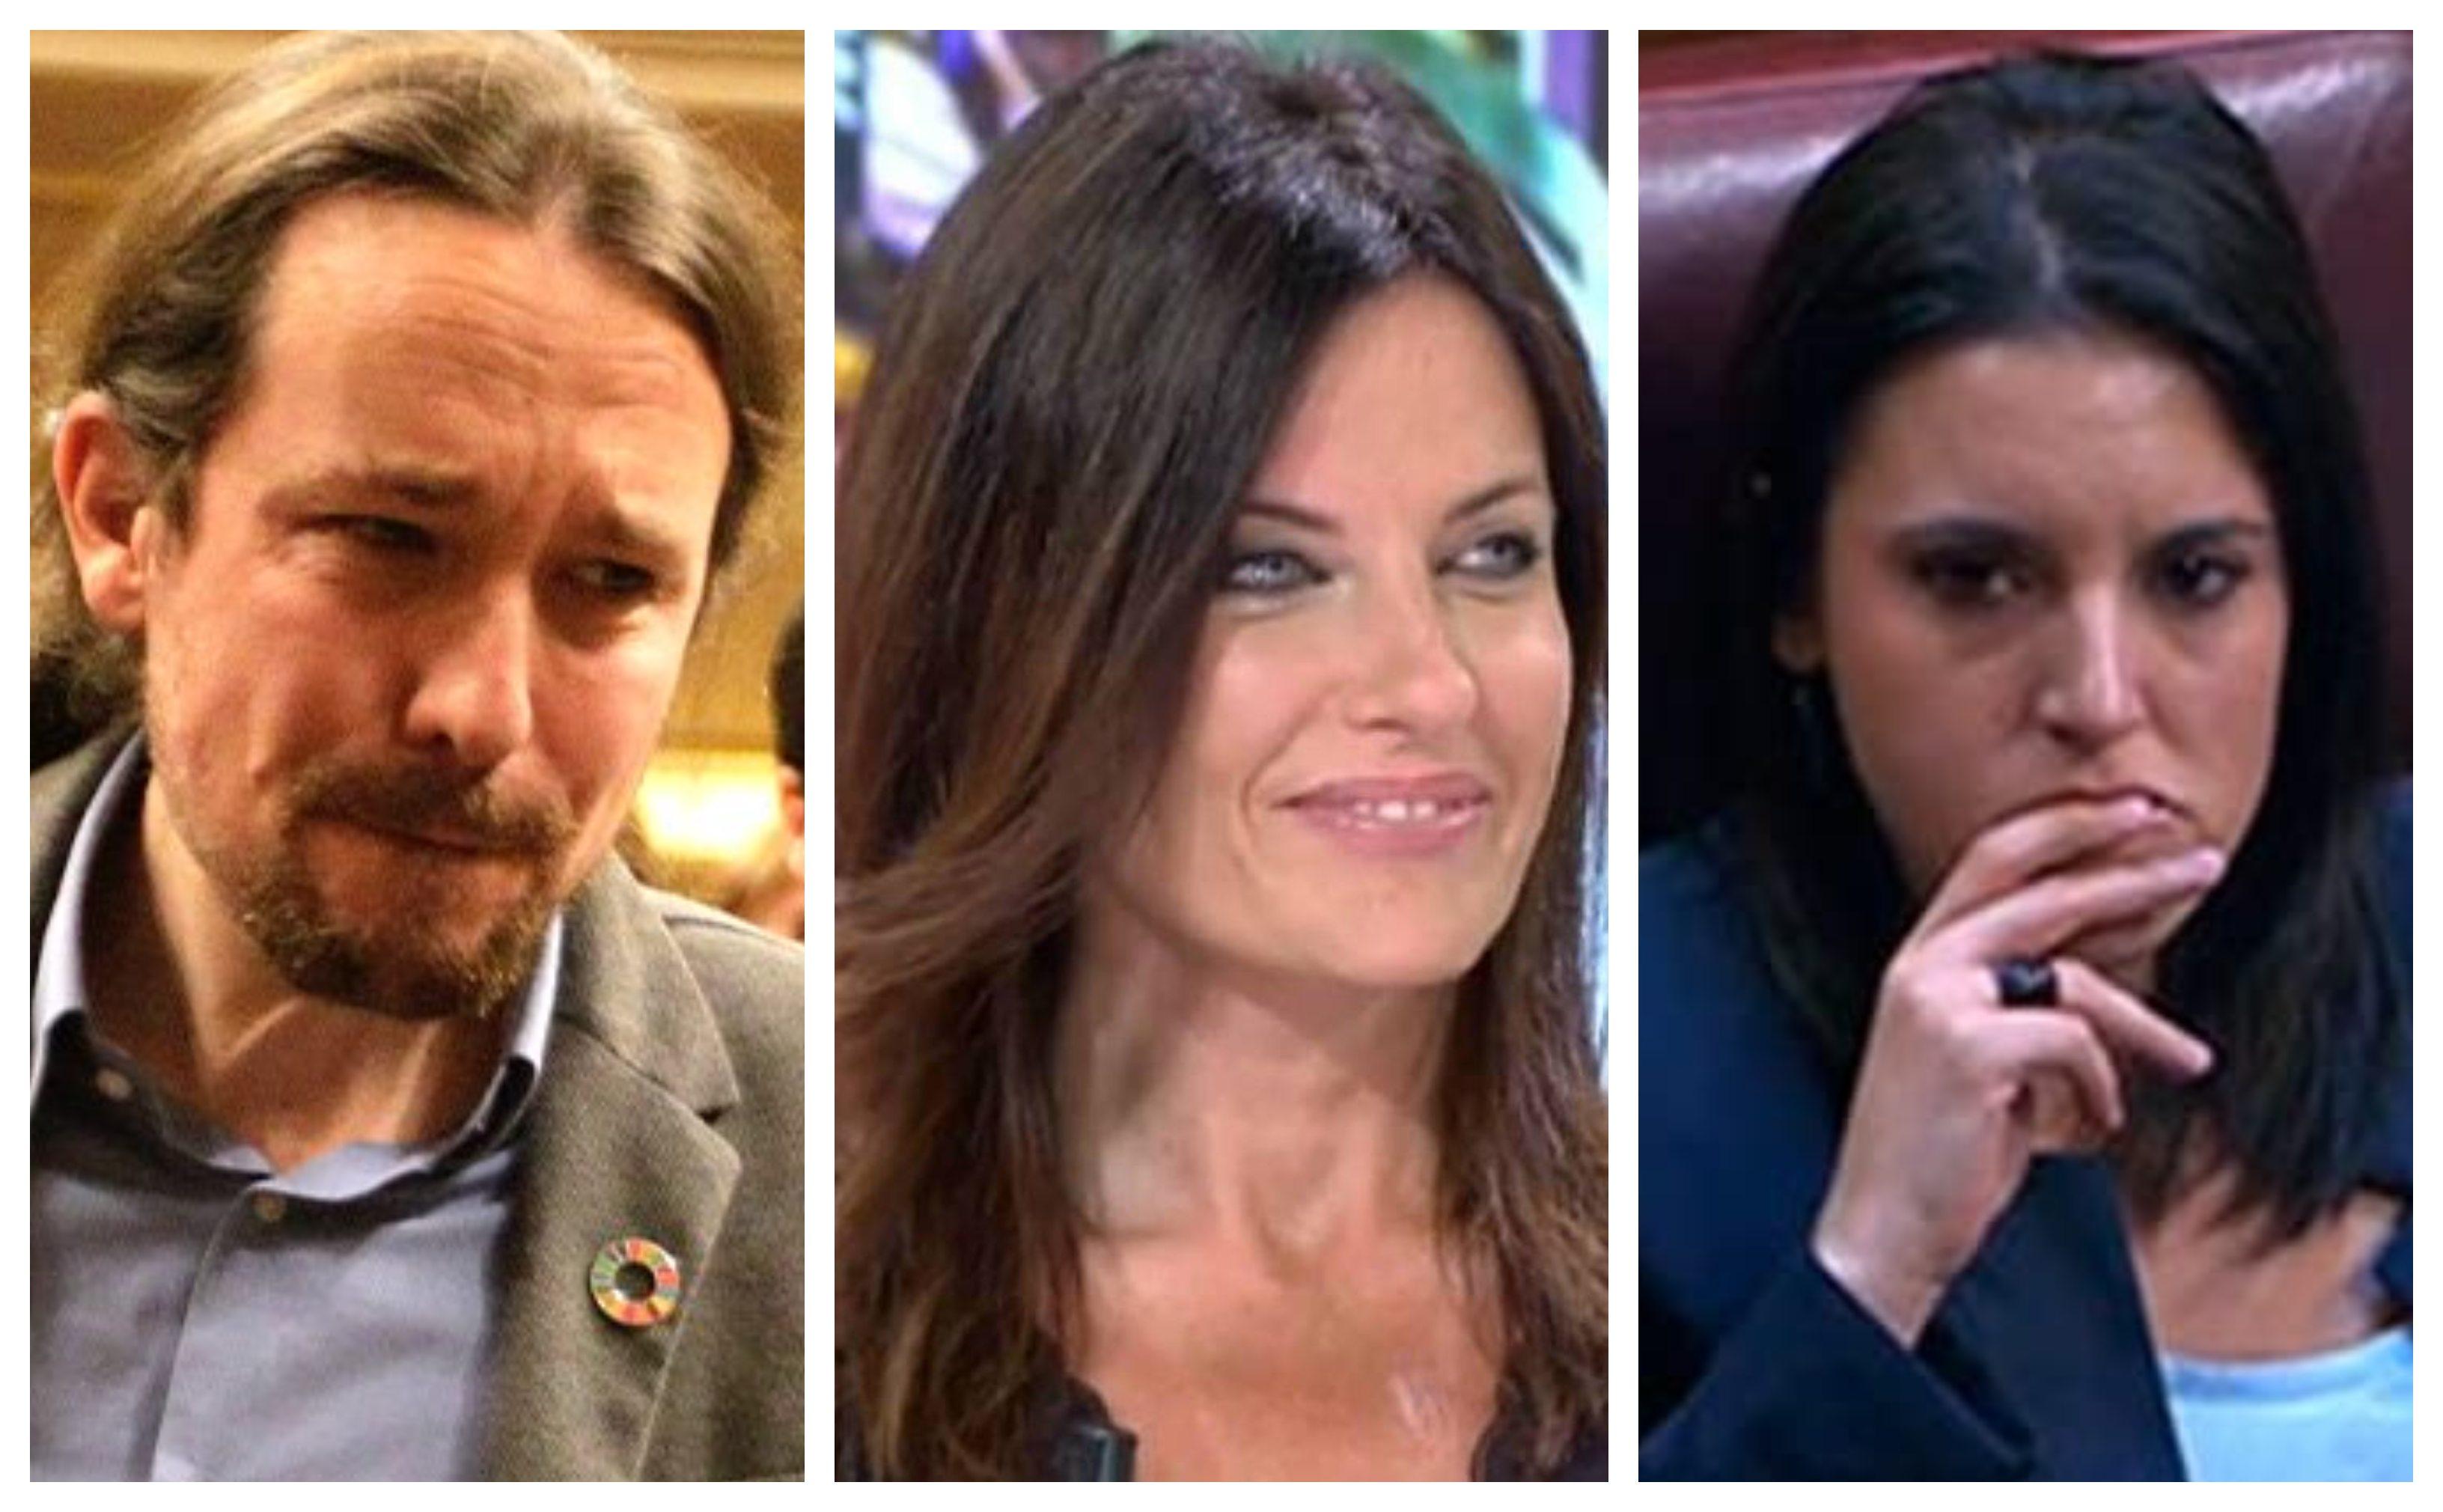 Brutal varapalo a Irene Montero después de que Cristina Seguí anuncie que denunciará a Pablo Iglesias